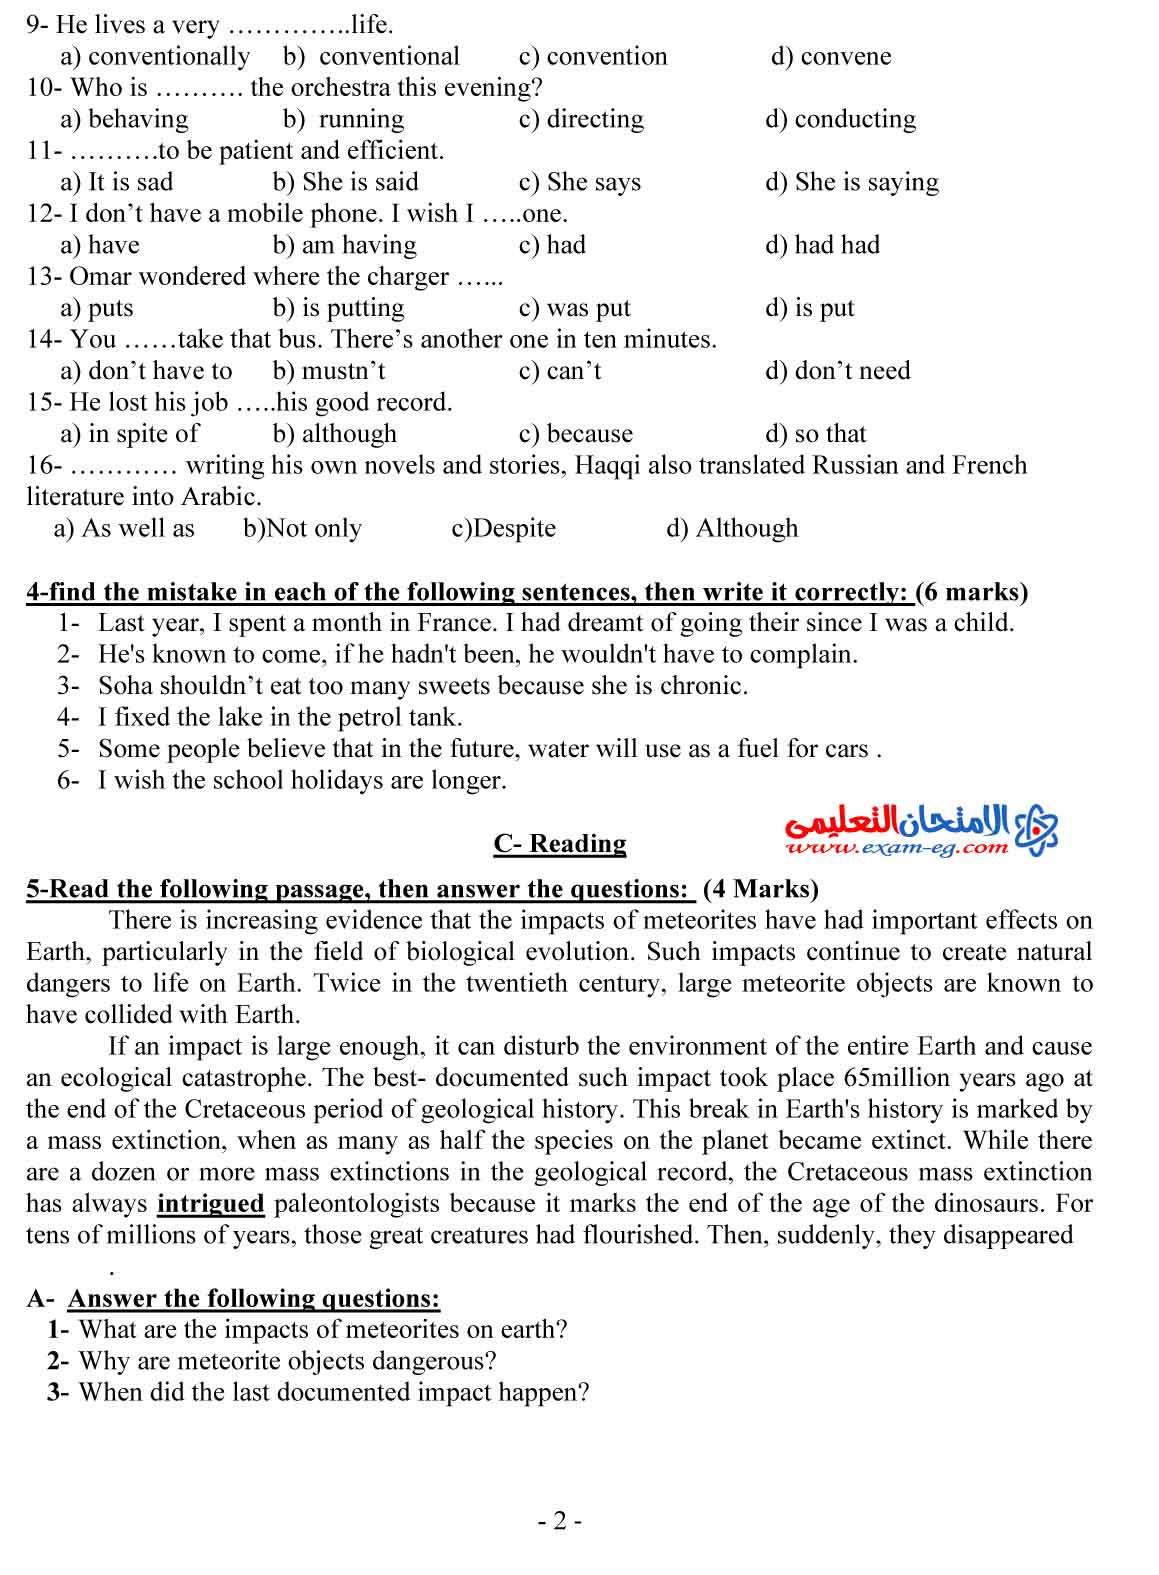 امتحان الوزارة فى اللغة الانجليزية 1